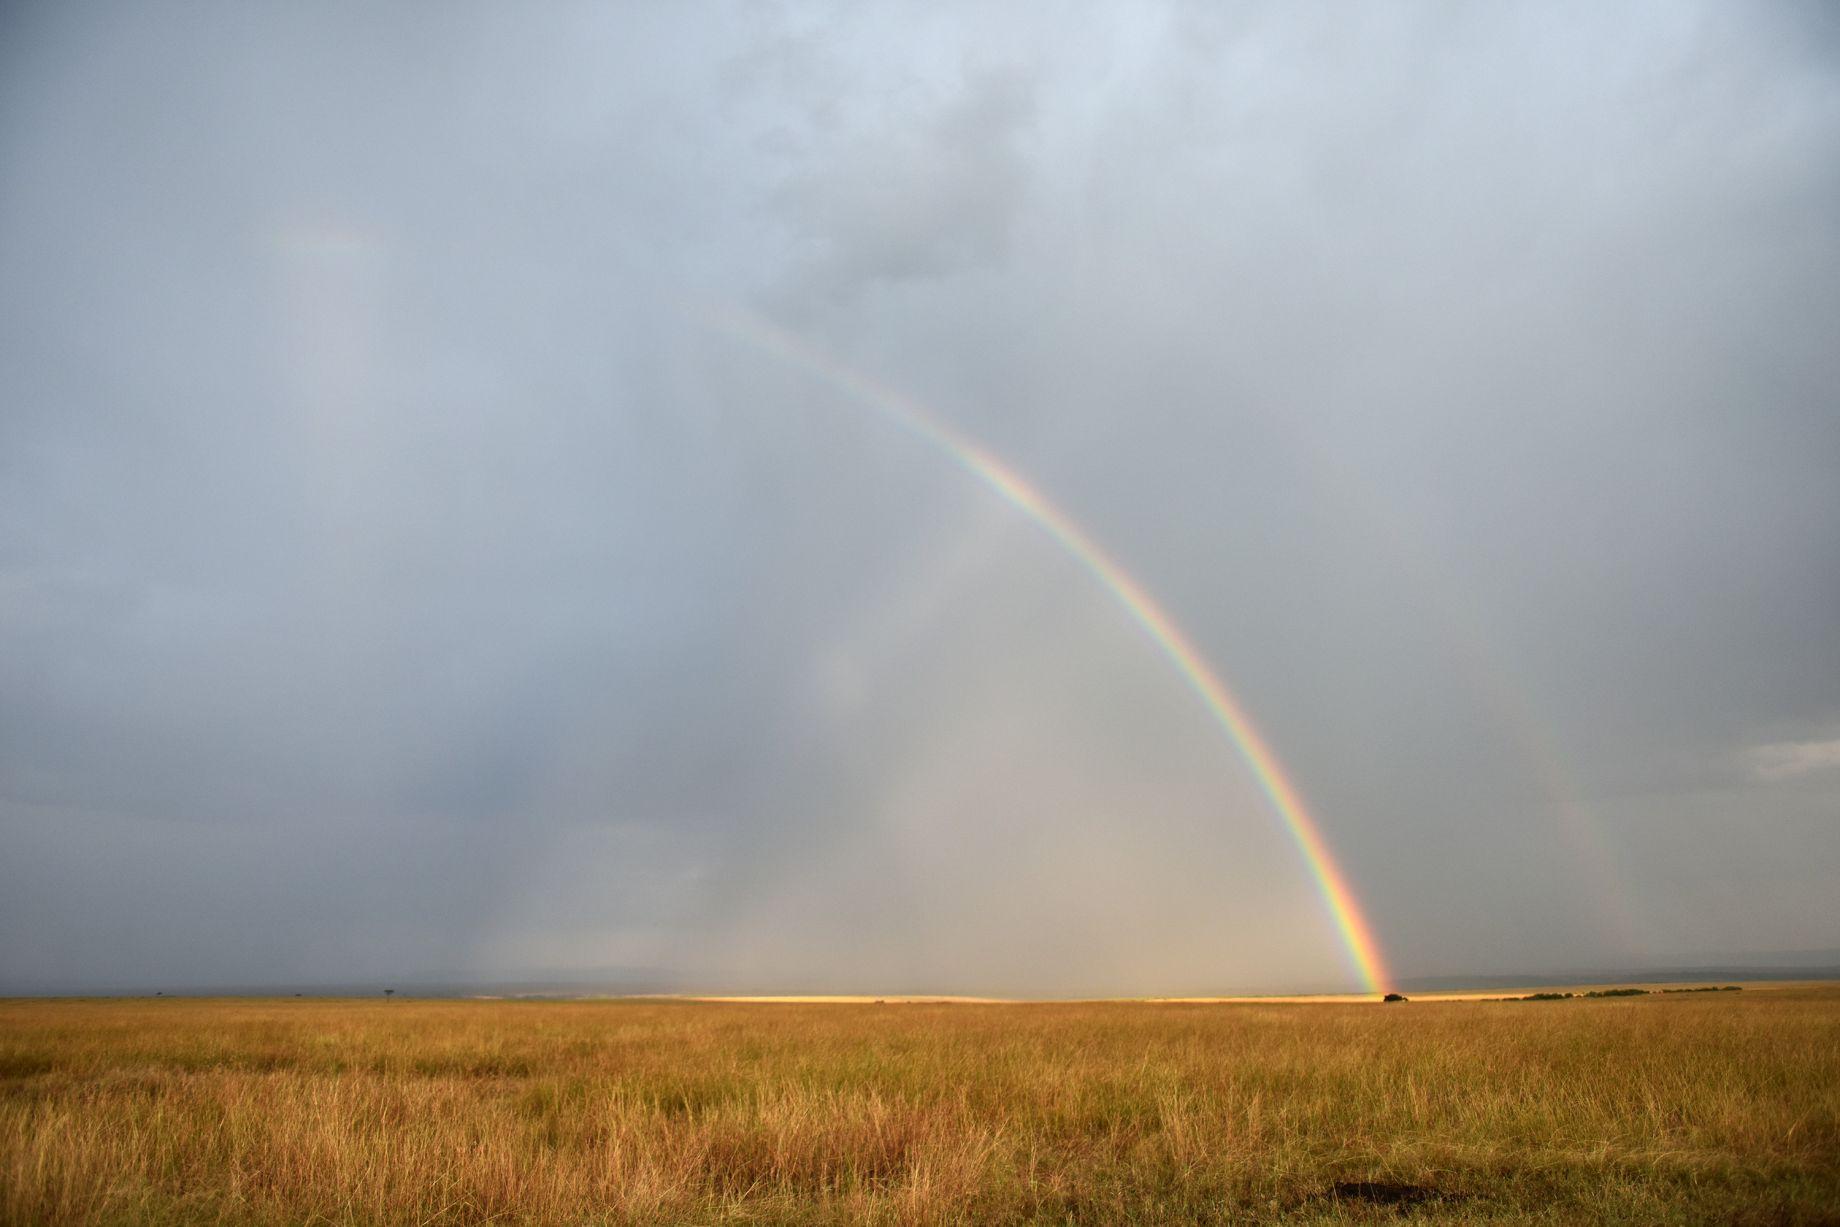 野生动物天堂:肯尼亚马赛马拉国家保护区